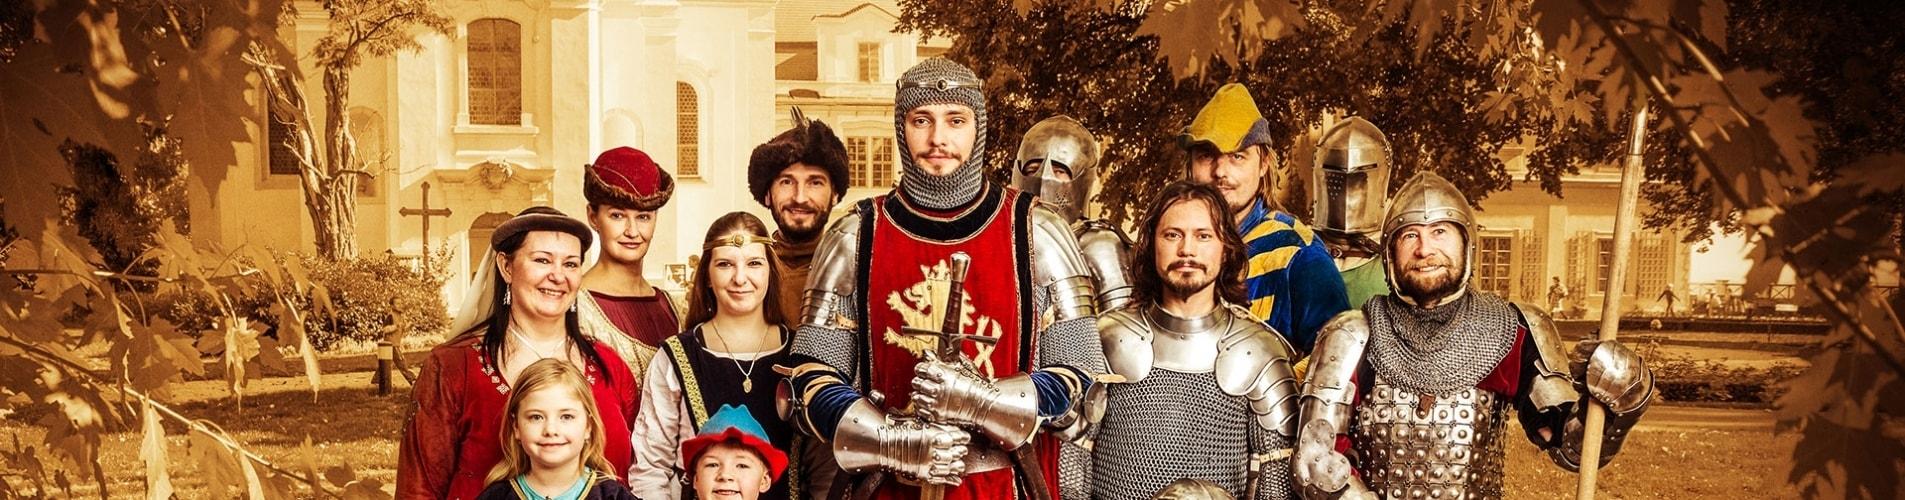 Královské slavnosti na zámku Loučeň